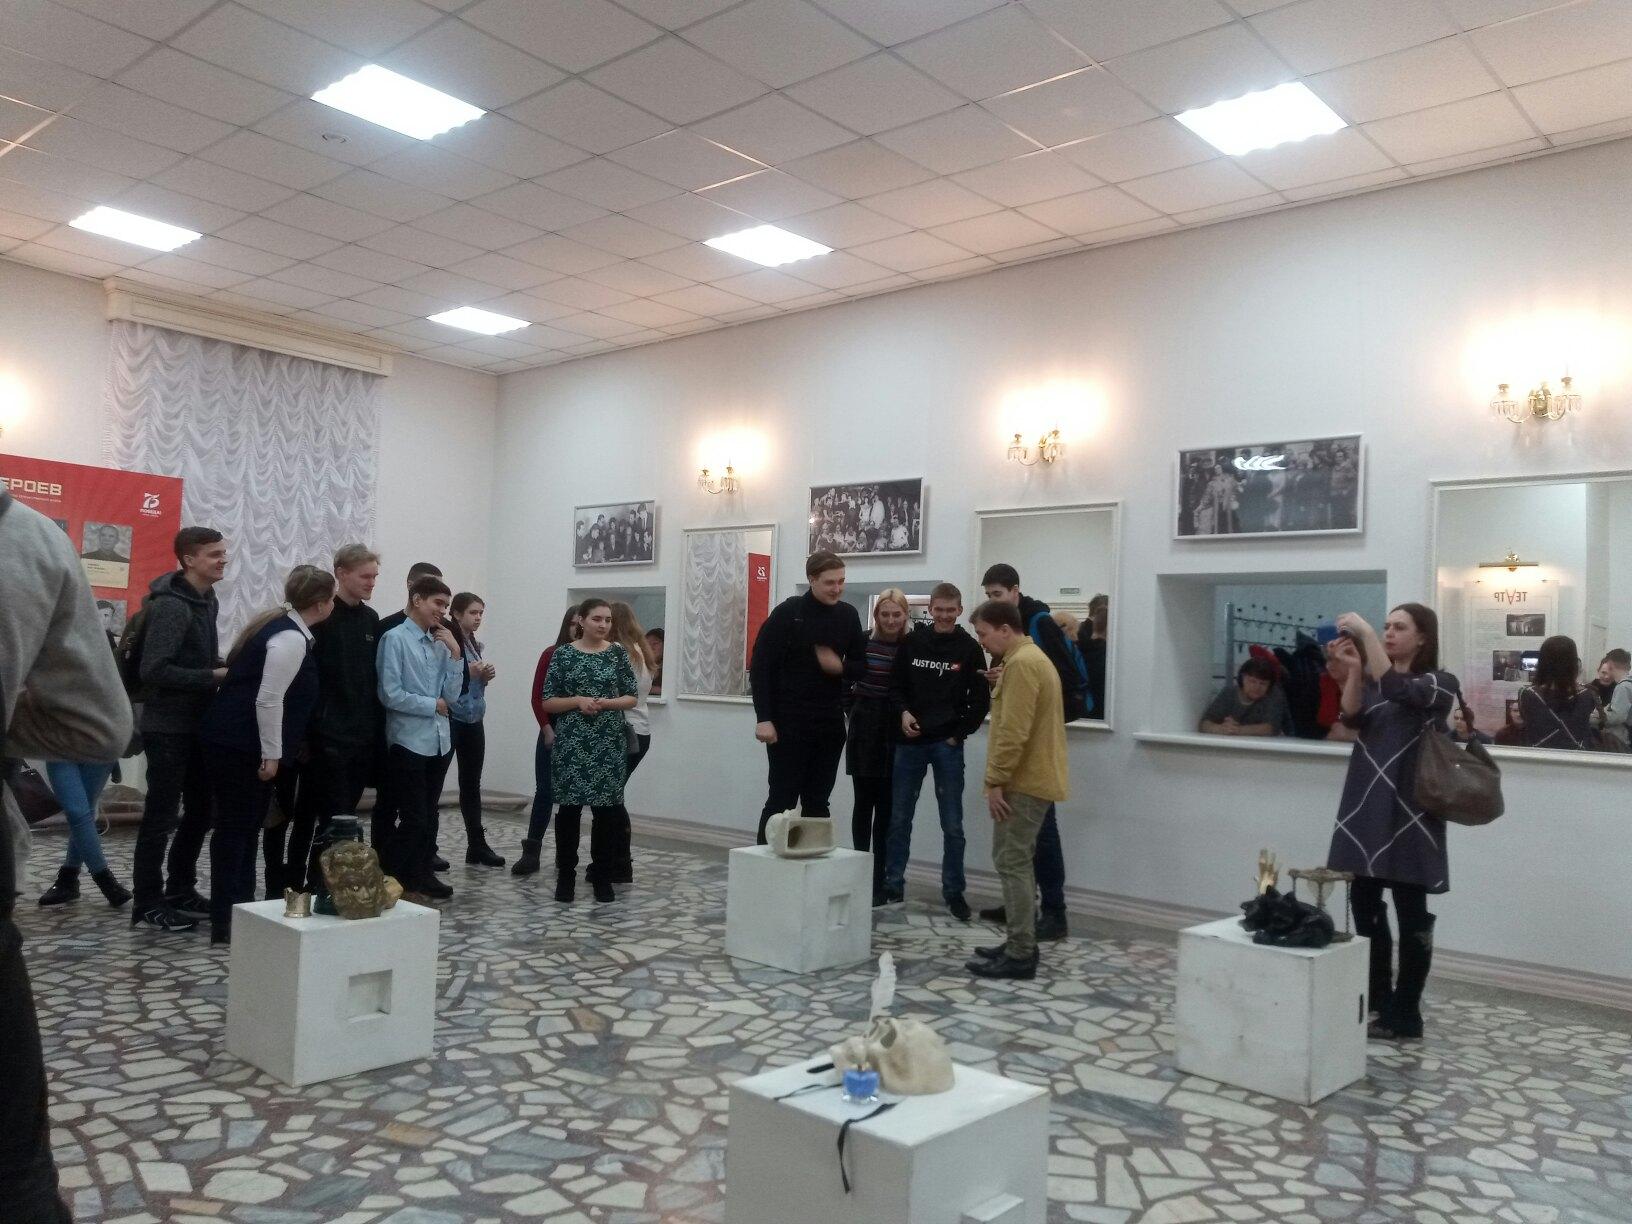 Студенты Техникума нефти и газа приняли участие в проекте Театр Образование (3)